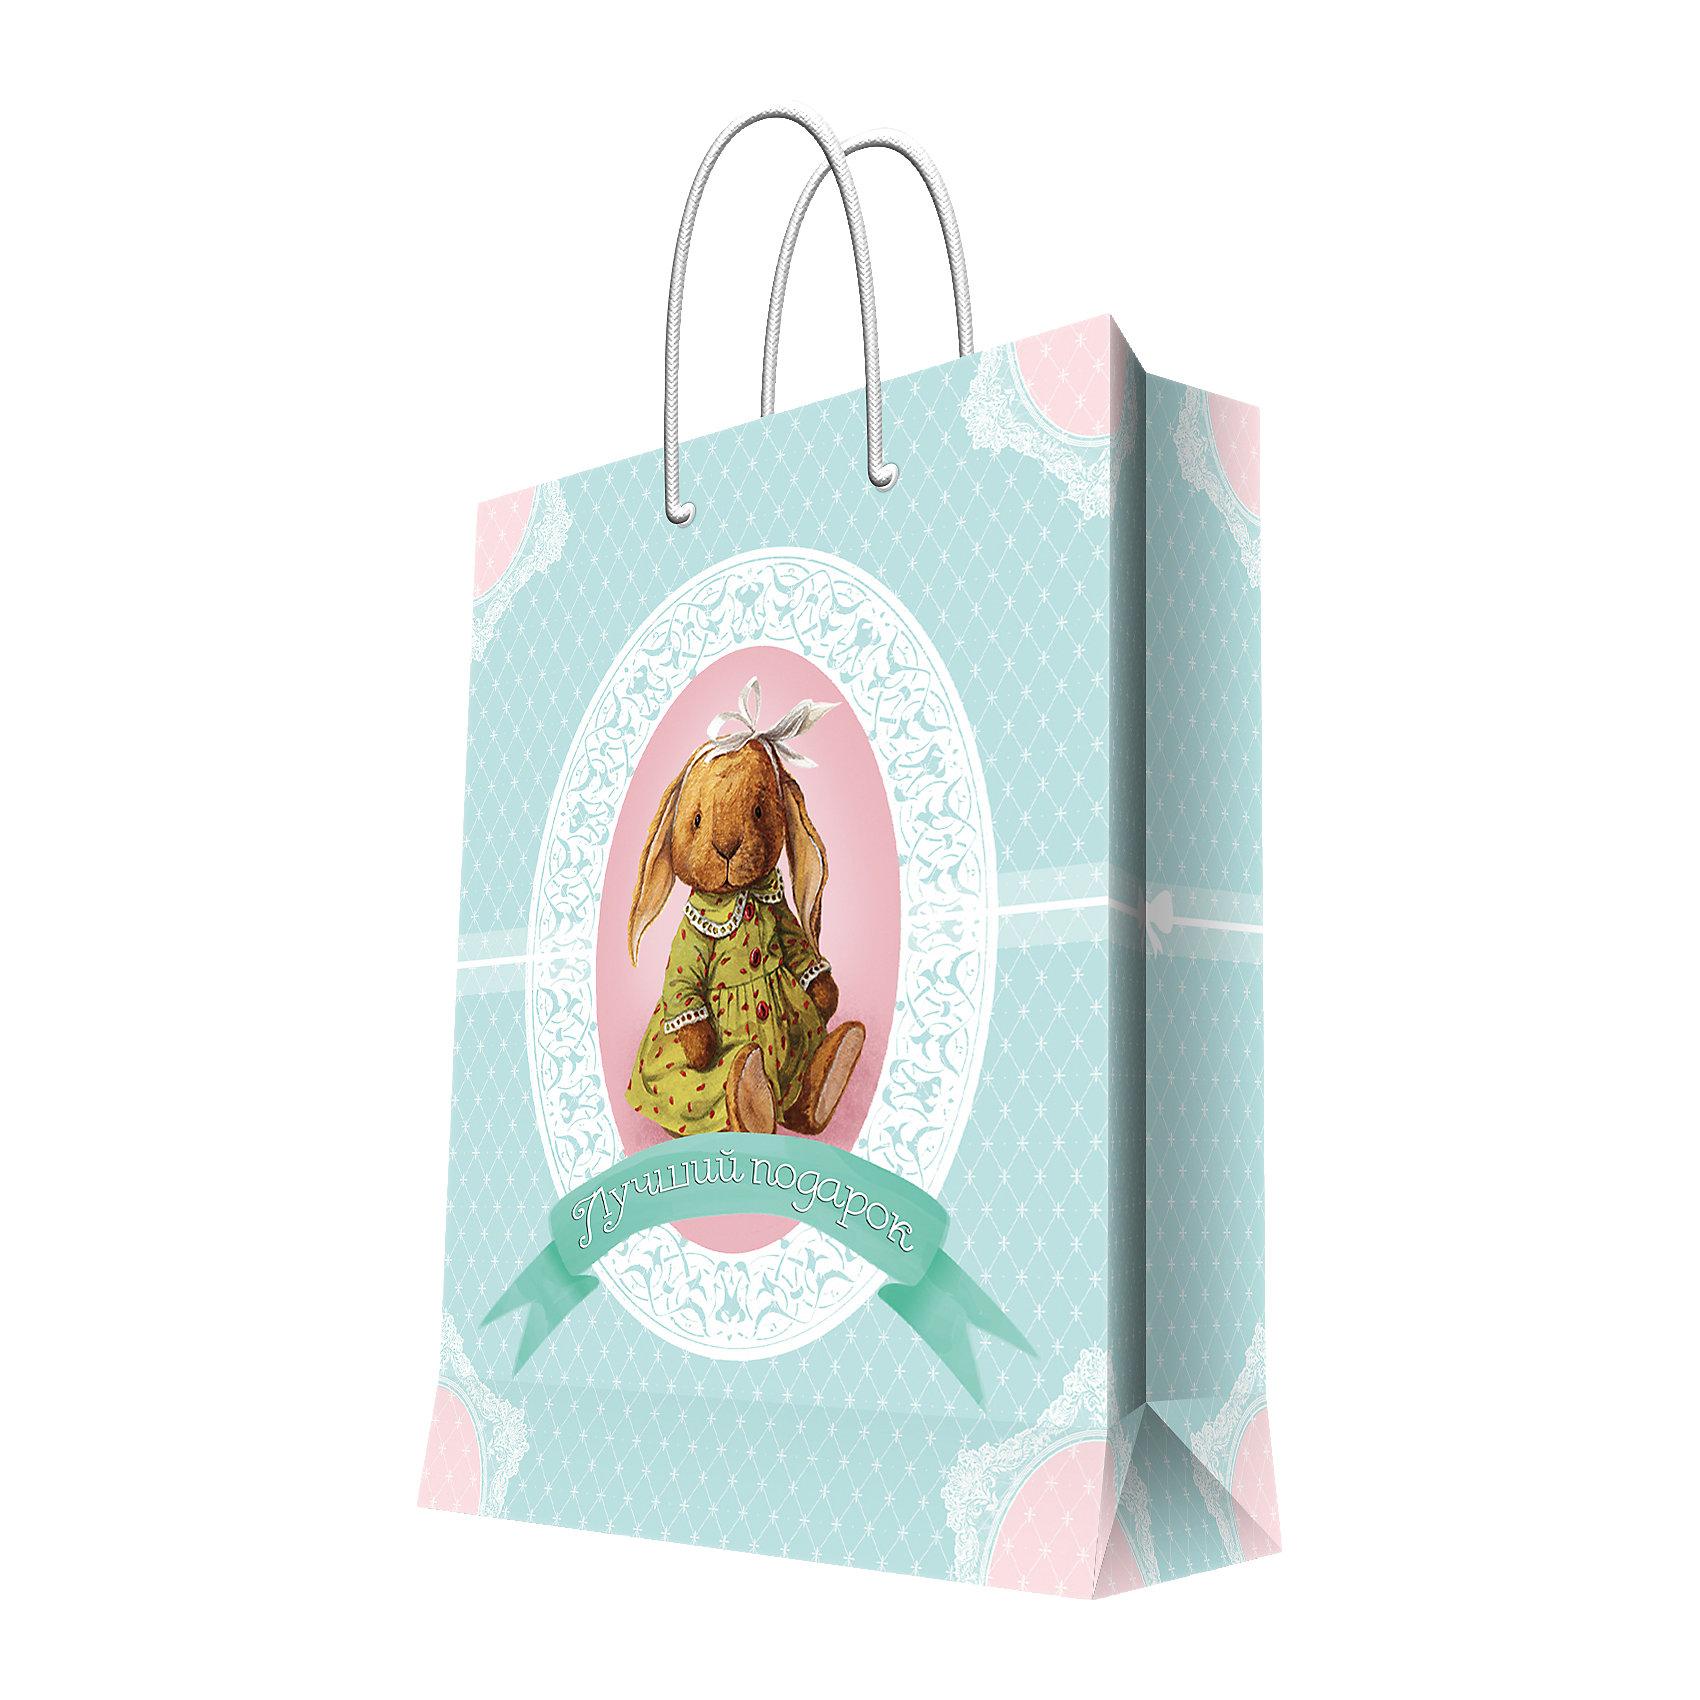 Подарочный пакет Зверята 26*32,4*12,7 смКрасиво упакованный подарок приятно получать вдвойне! Прочный красивый бумажный пакет станет прекрасным дополнением к подарку.<br><br>Дополнительная информация:<br><br>- Материал: бумага (плотность бумаги 140 г/м2).<br>- Размер: 26х32,4х12,7 cм.<br>- Ширина основания: 26 см.<br>- Эффект: ламинация.<br><br>Подарочный пакет Зверята 26х32,4х12,7 см, можно купить в нашем магазине.<br><br>Ширина мм: 260<br>Глубина мм: 324<br>Высота мм: 127<br>Вес г: 100<br>Возраст от месяцев: 36<br>Возраст до месяцев: 2147483647<br>Пол: Женский<br>Возраст: Детский<br>SKU: 4548397